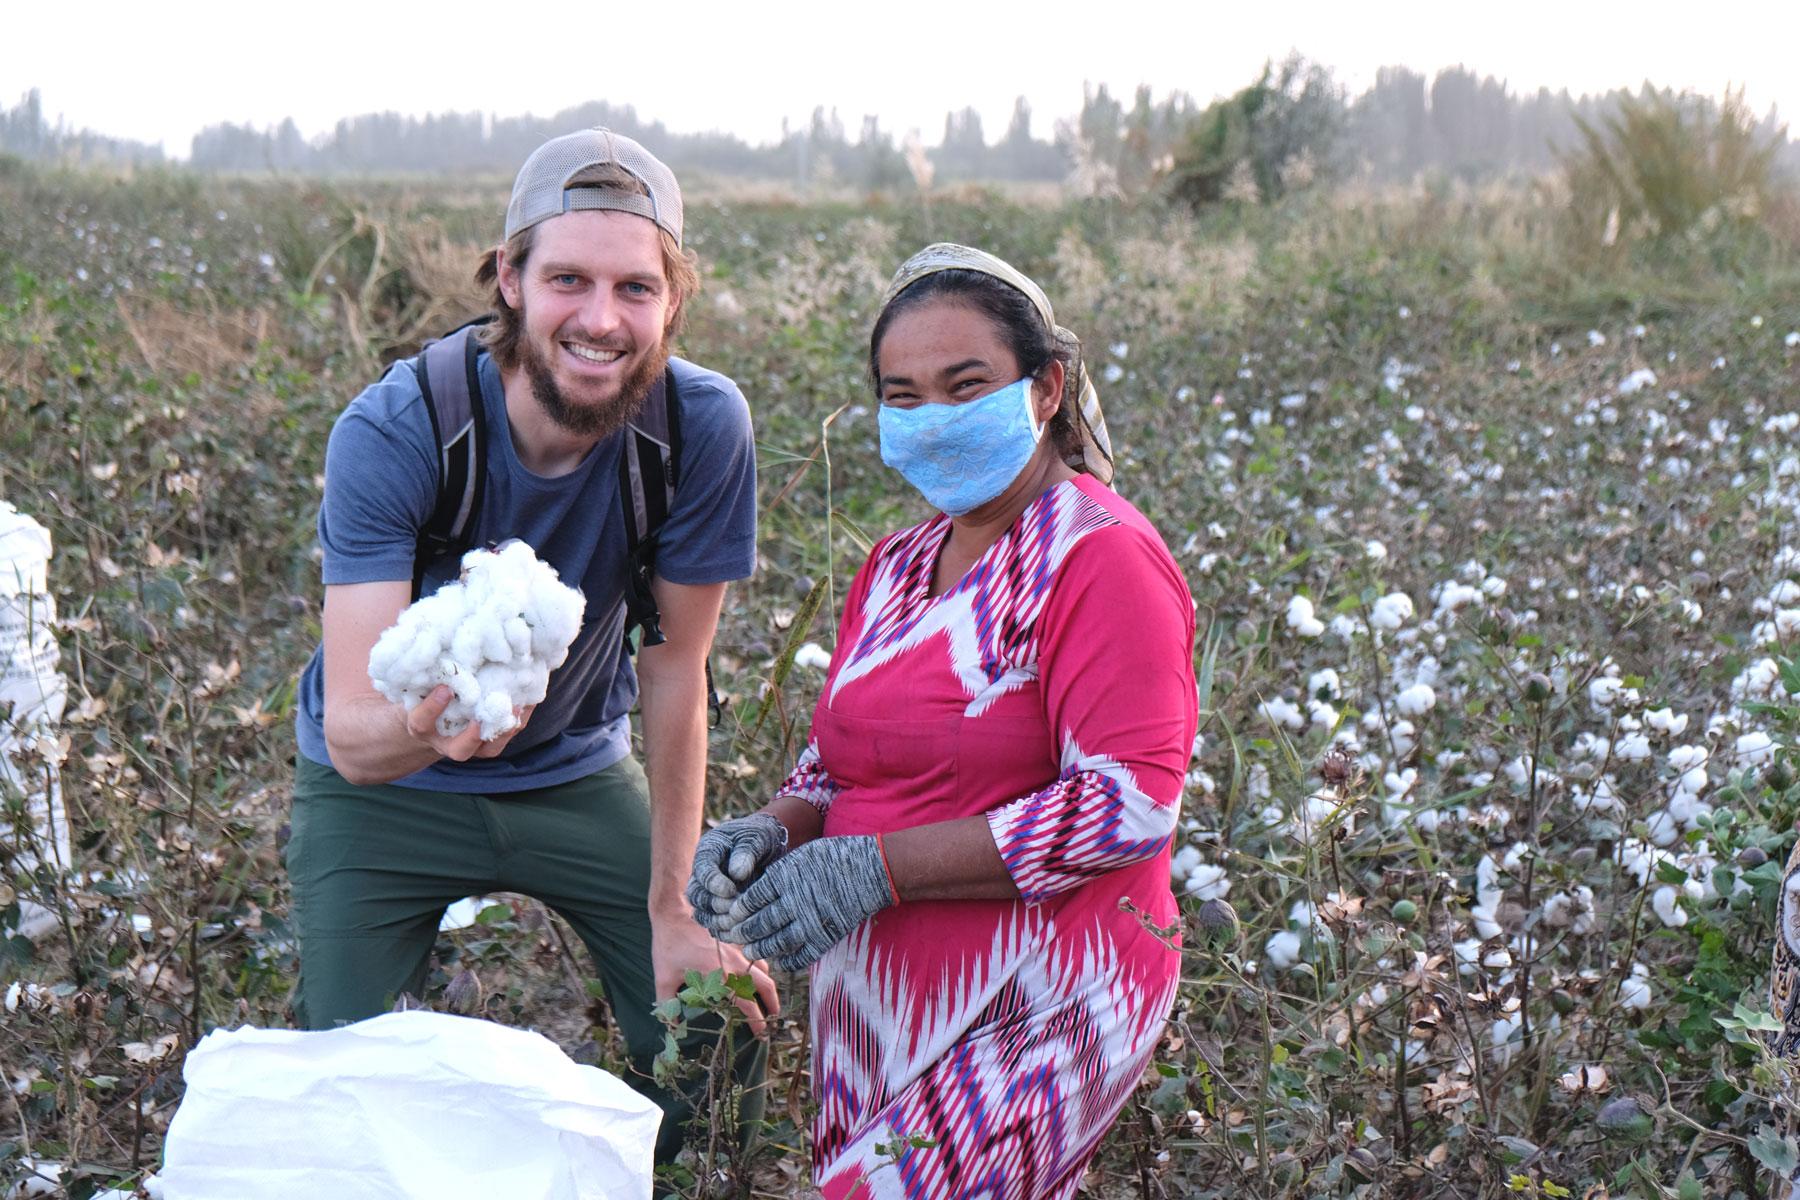 Mit Handschuhen und Mundschutz geschützt gehen sie ihrer Arbeit nach